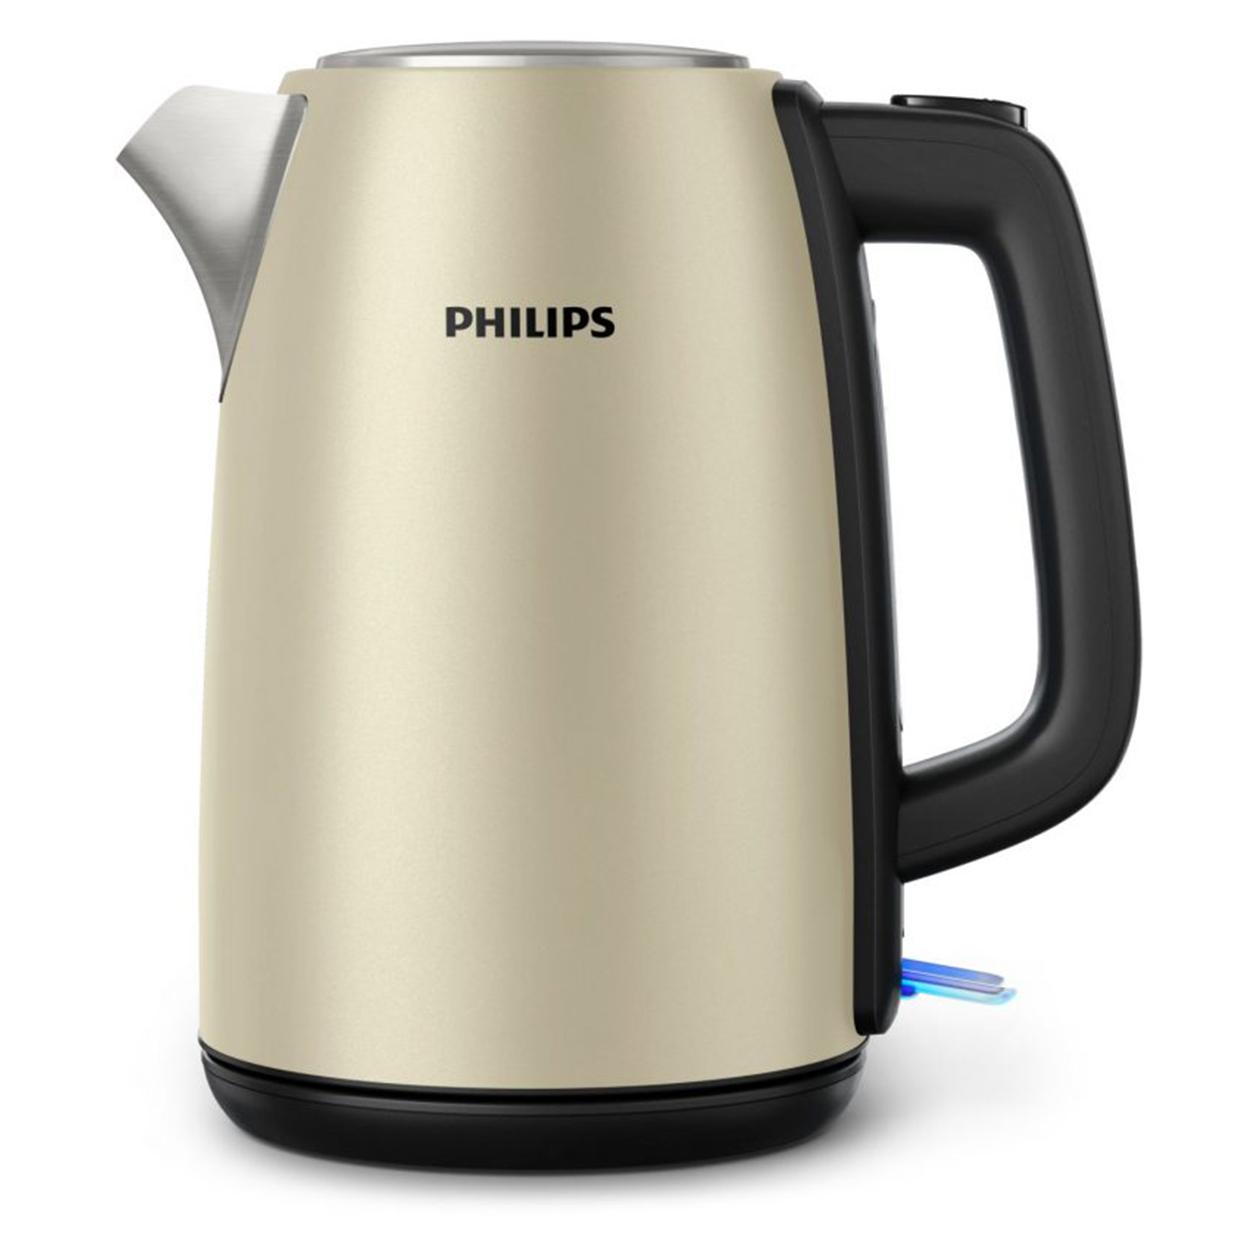 Pirkite Daily Collection Virdulį HD9352/50 elektroninėje | Philips parduotuvėje